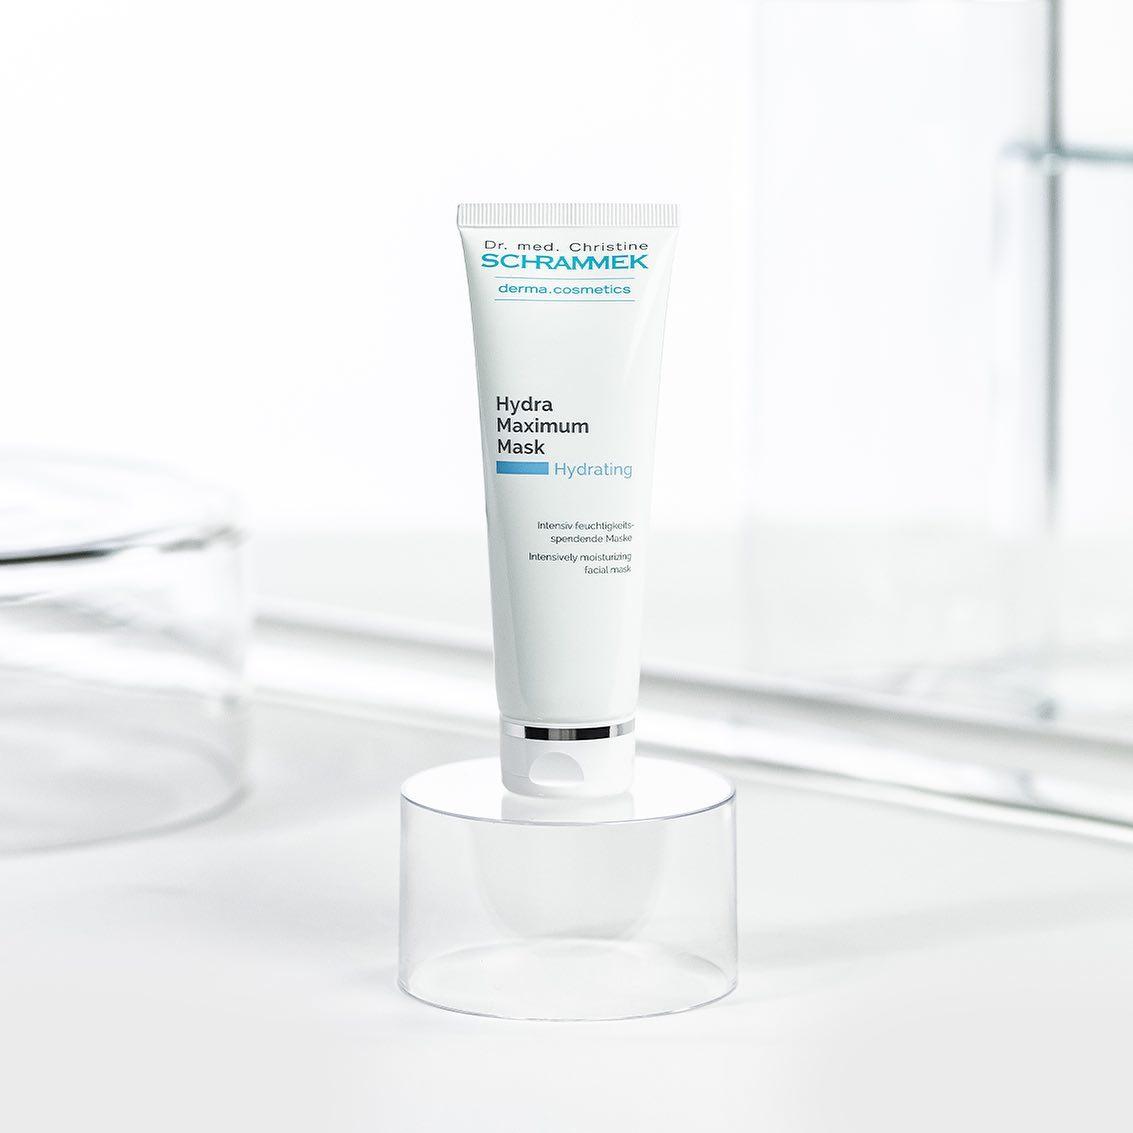 Hydra Maximum Mask er en nærende fuktighetsmaske med hyaluronsyre og eksklusive planteoljer som booster huden med fuktighet og essensielle lipider🤍Forebygger tørrhetslinjer og tidlig aldringstegn. Ideell for tørr og fuktfattig hud. Passer alle.   Påføres renset hud 1-2 ganger i uken, gjerne med en ampulle under Også ideell som sovemaske. Psst… Denne får du nå i vår populære adventskalender🏻